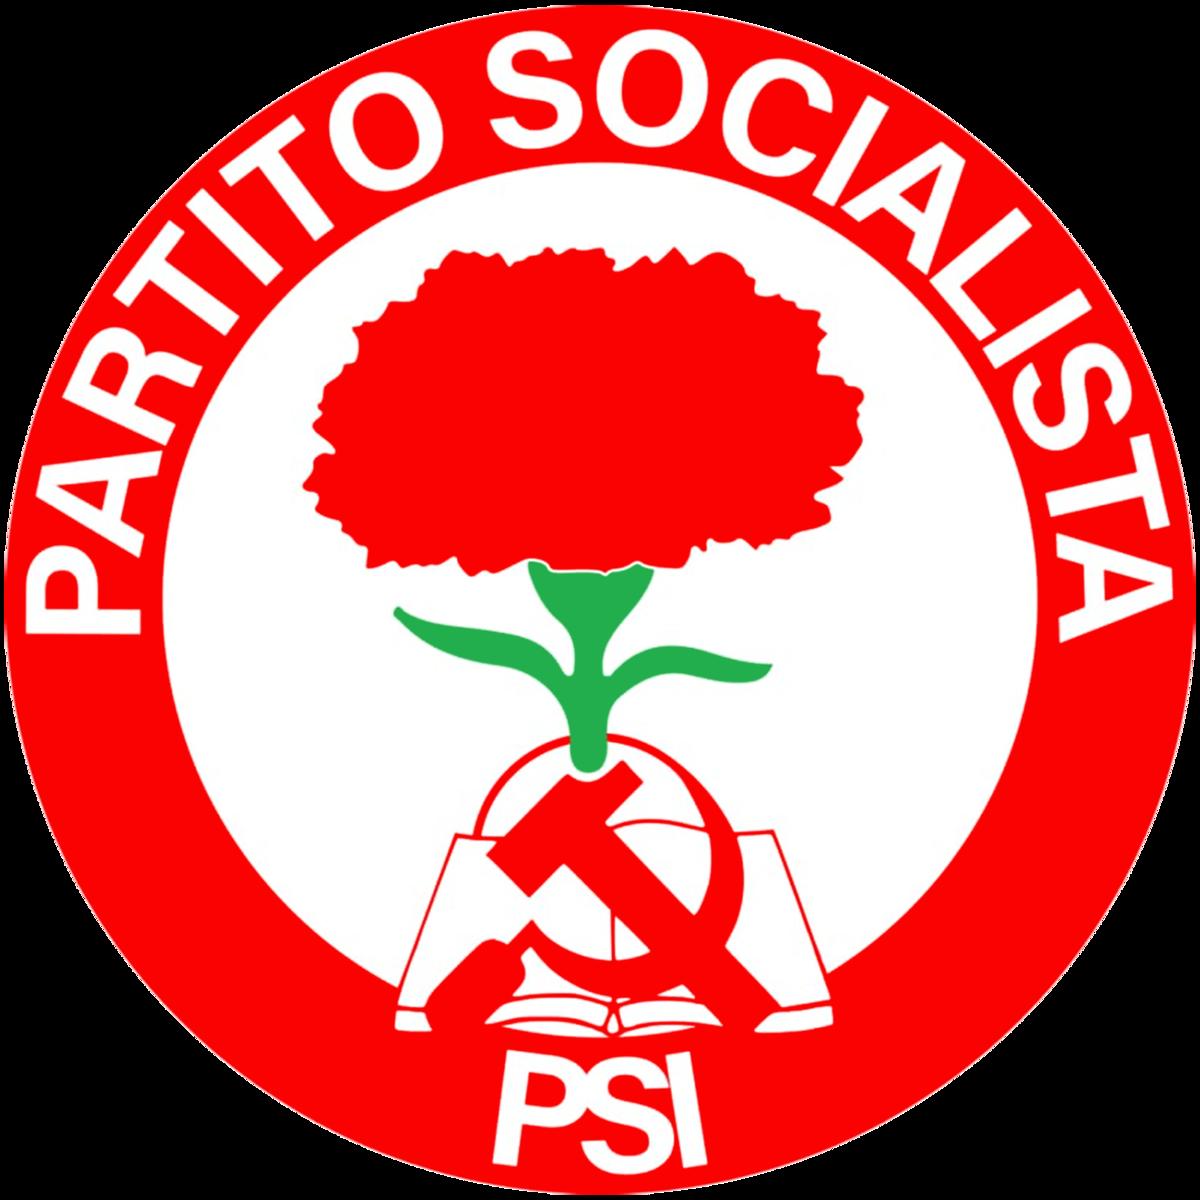 Partito Socialista Italiano.